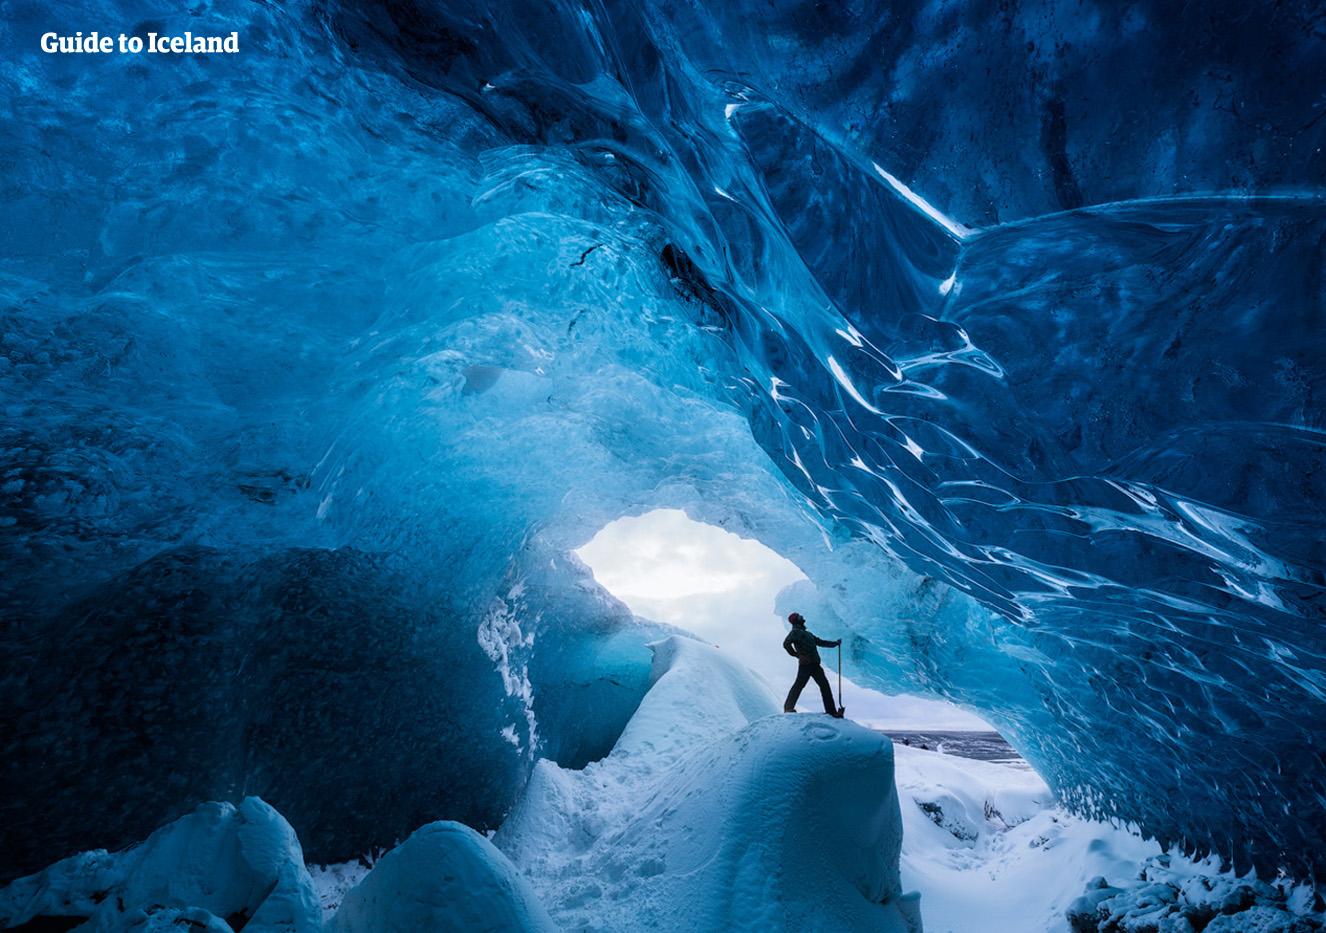 Å gå inn i en isgrotte er en av de mest minneverdige opplevelsene for de som besøker Island.